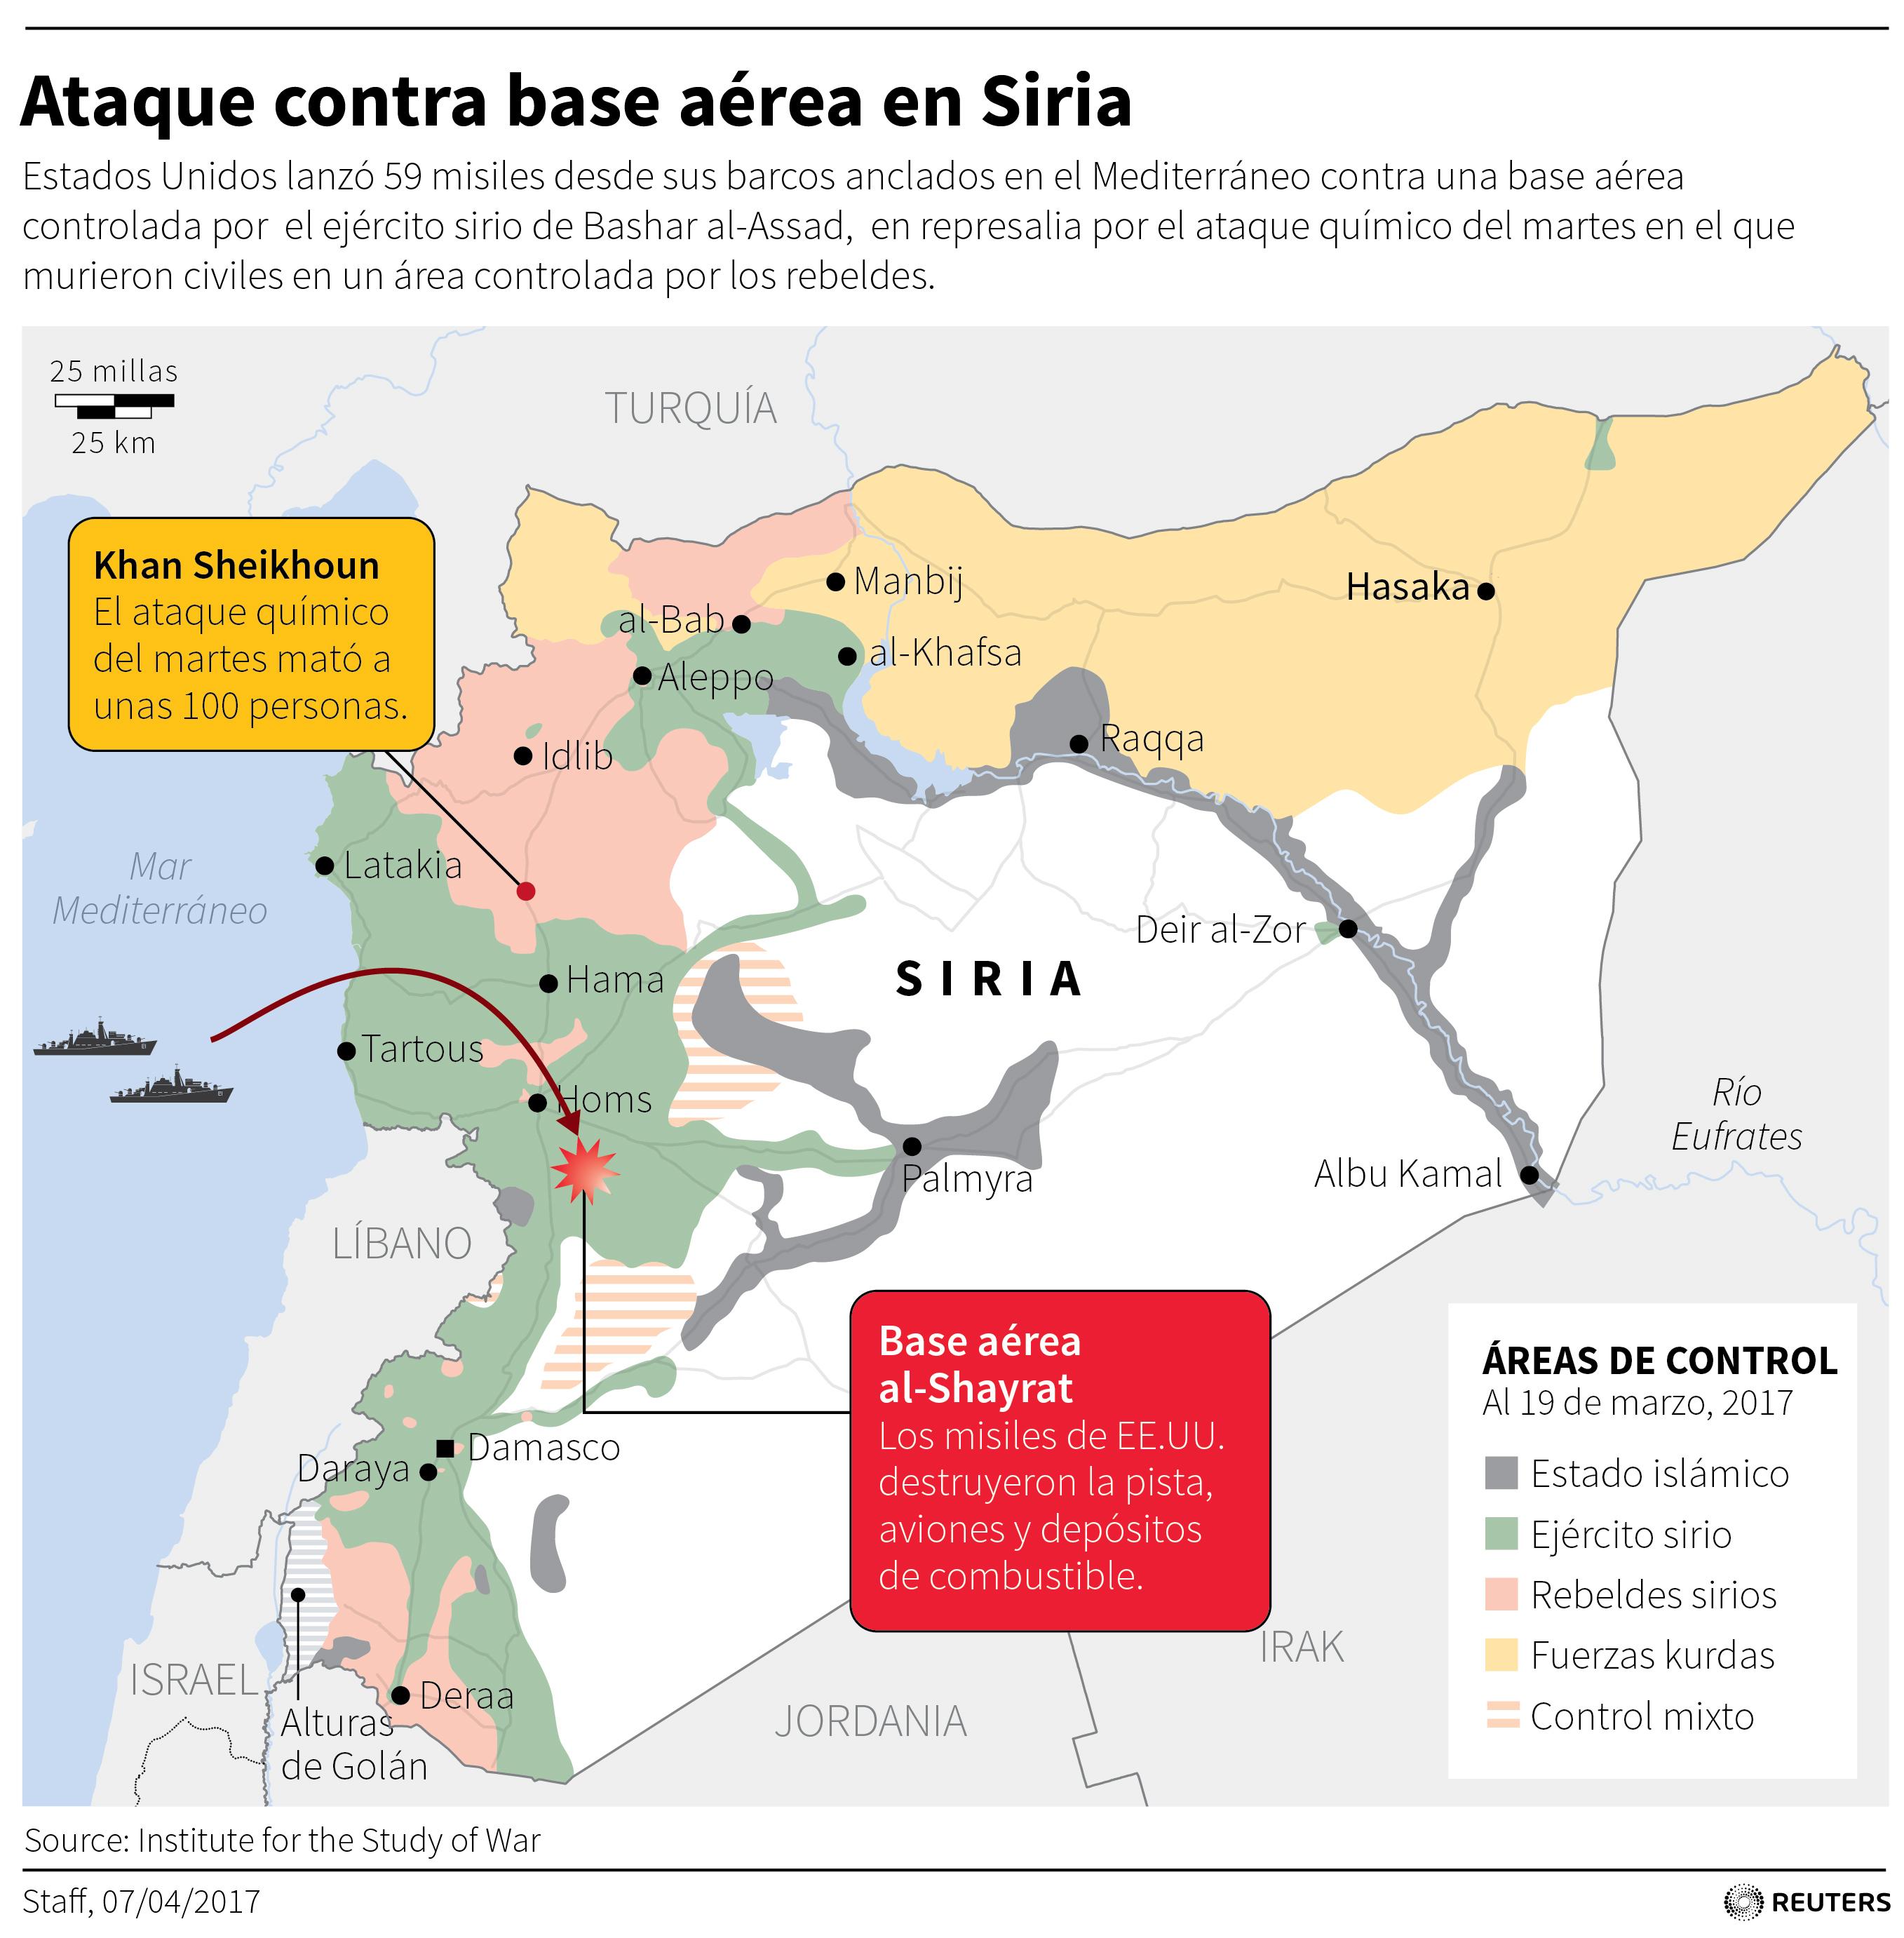 Mapa Del Ataque De Estados Unidos Contra Siria